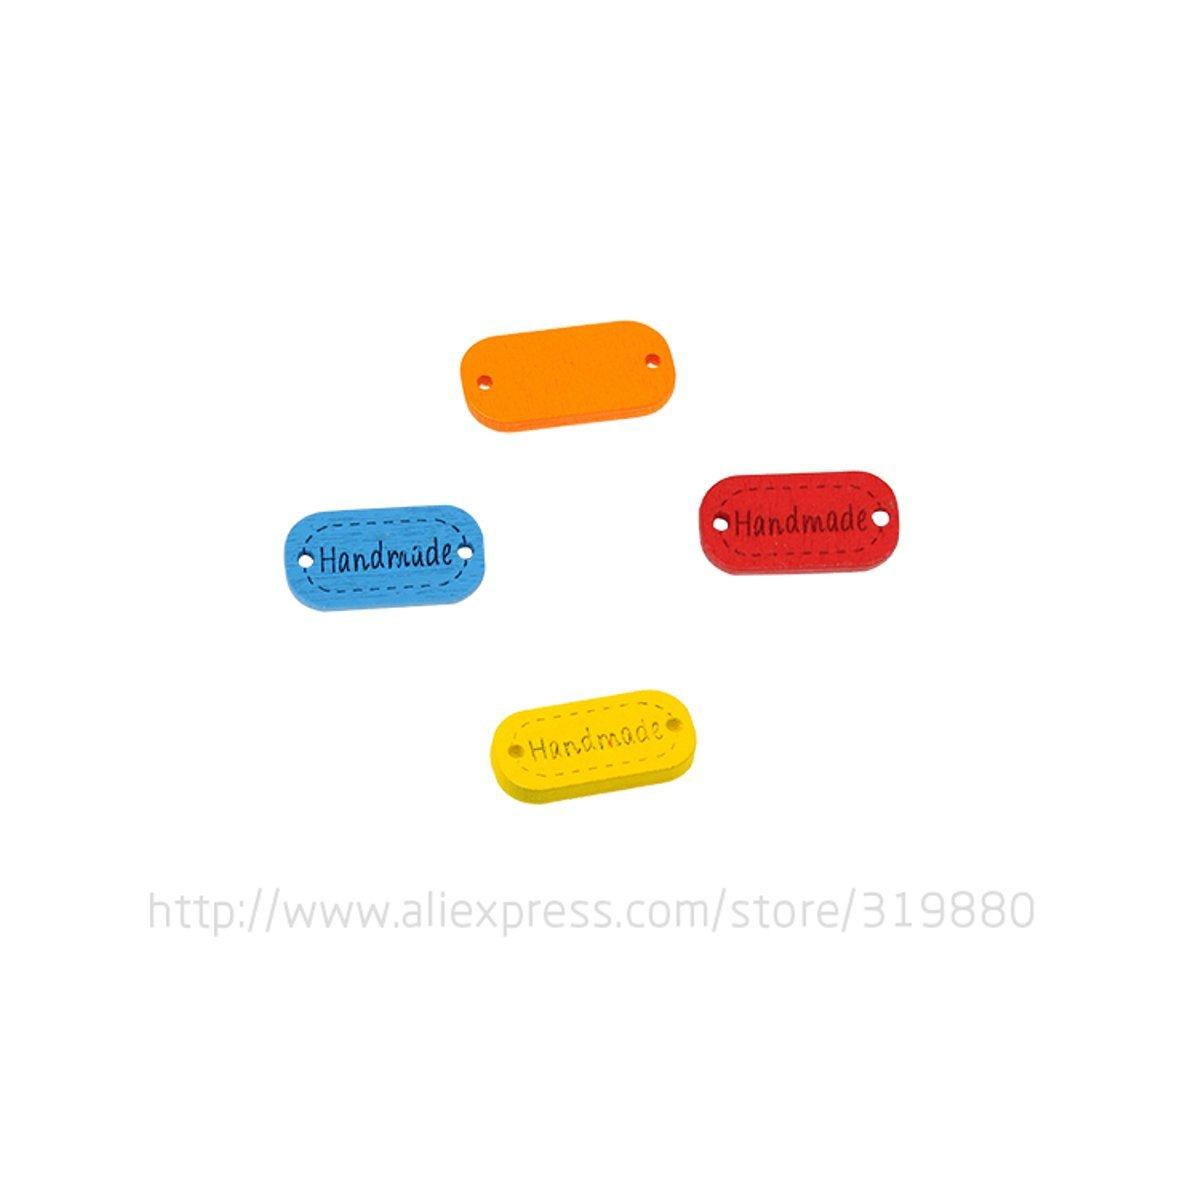 HDTTCX - Botones de madera para manualidades - Botones de madera para coser - caliente 30 botones de madera multicolor hecho a mano letra tallado botones ...